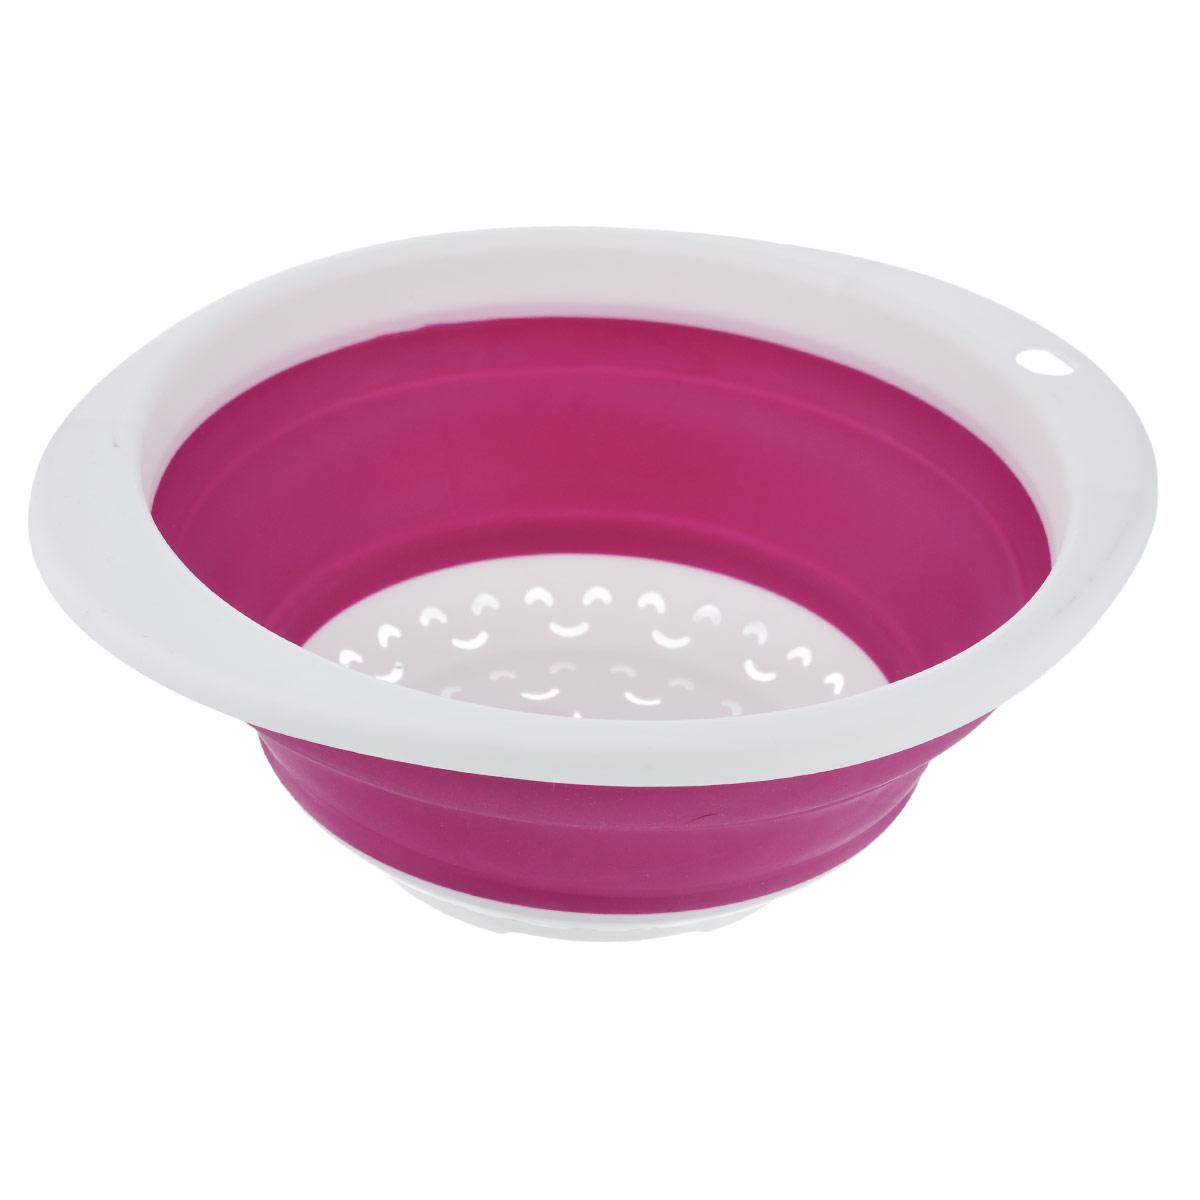 Дуршлаг складной Oriental Way, цвет: розовый, 23 см х 21 см дуршлаг gipfel складной цвет красный диаметр 25 см